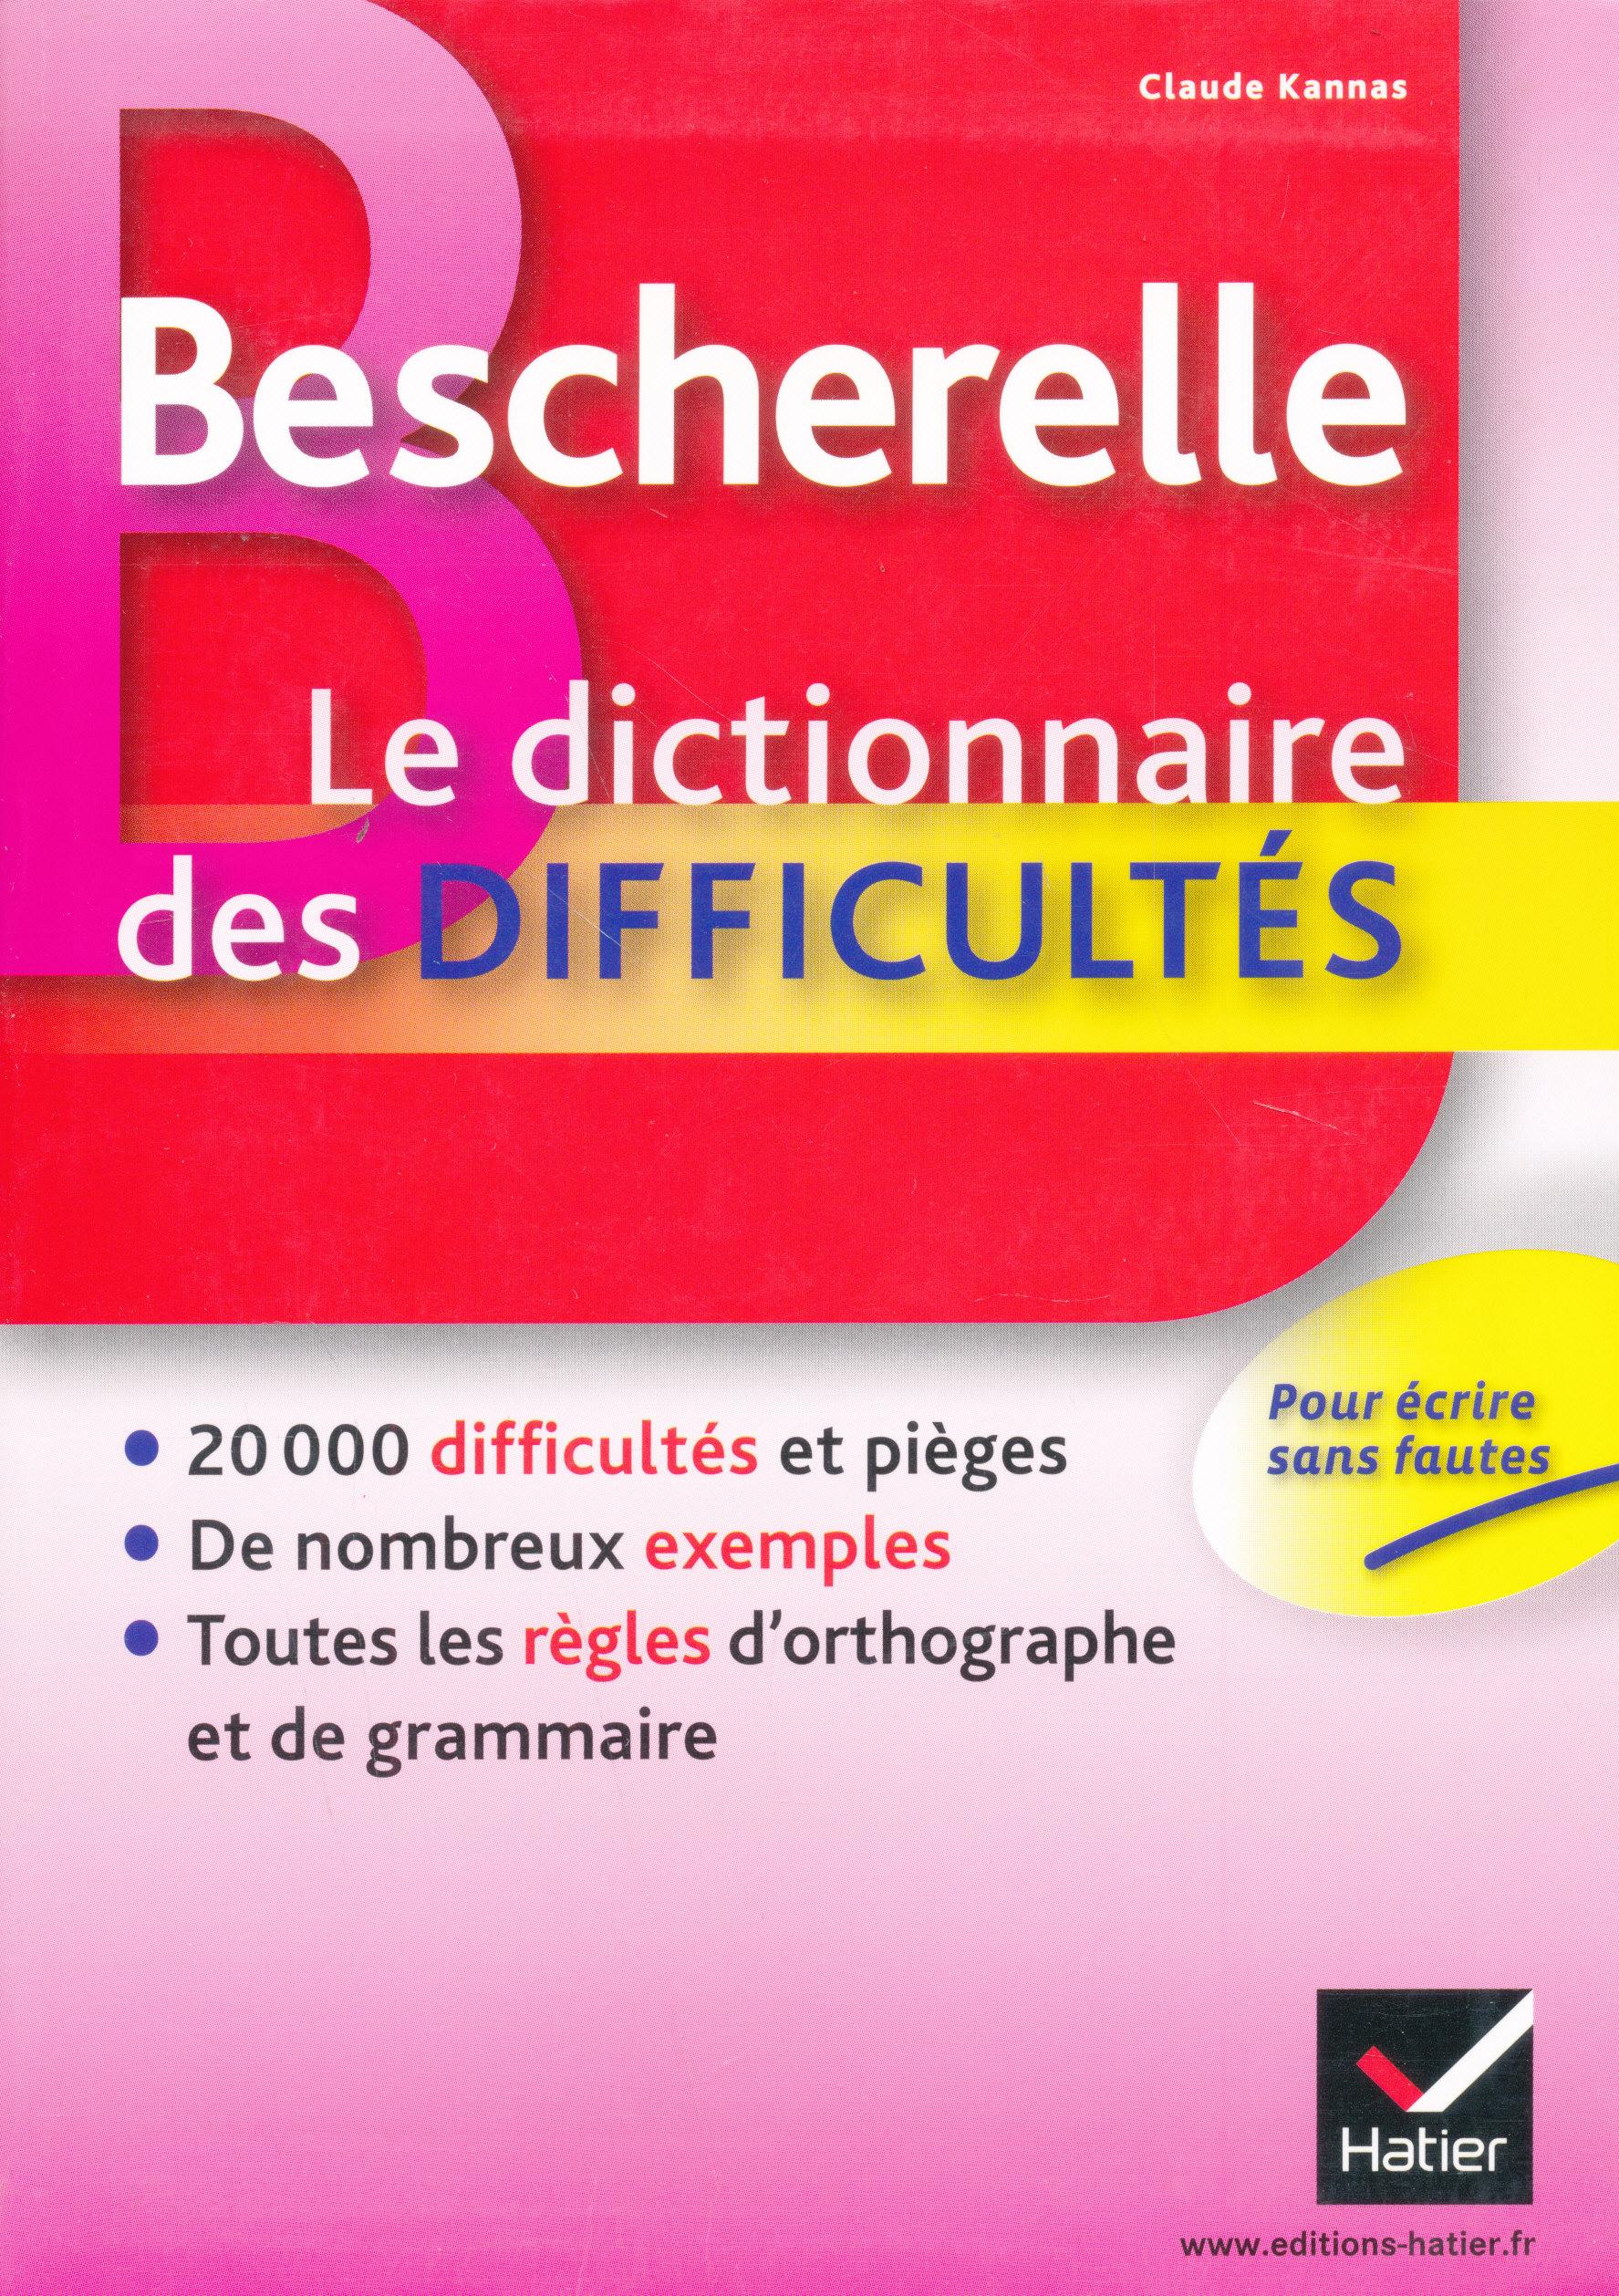 Bescherelle - Le dictionnaire de difficultés